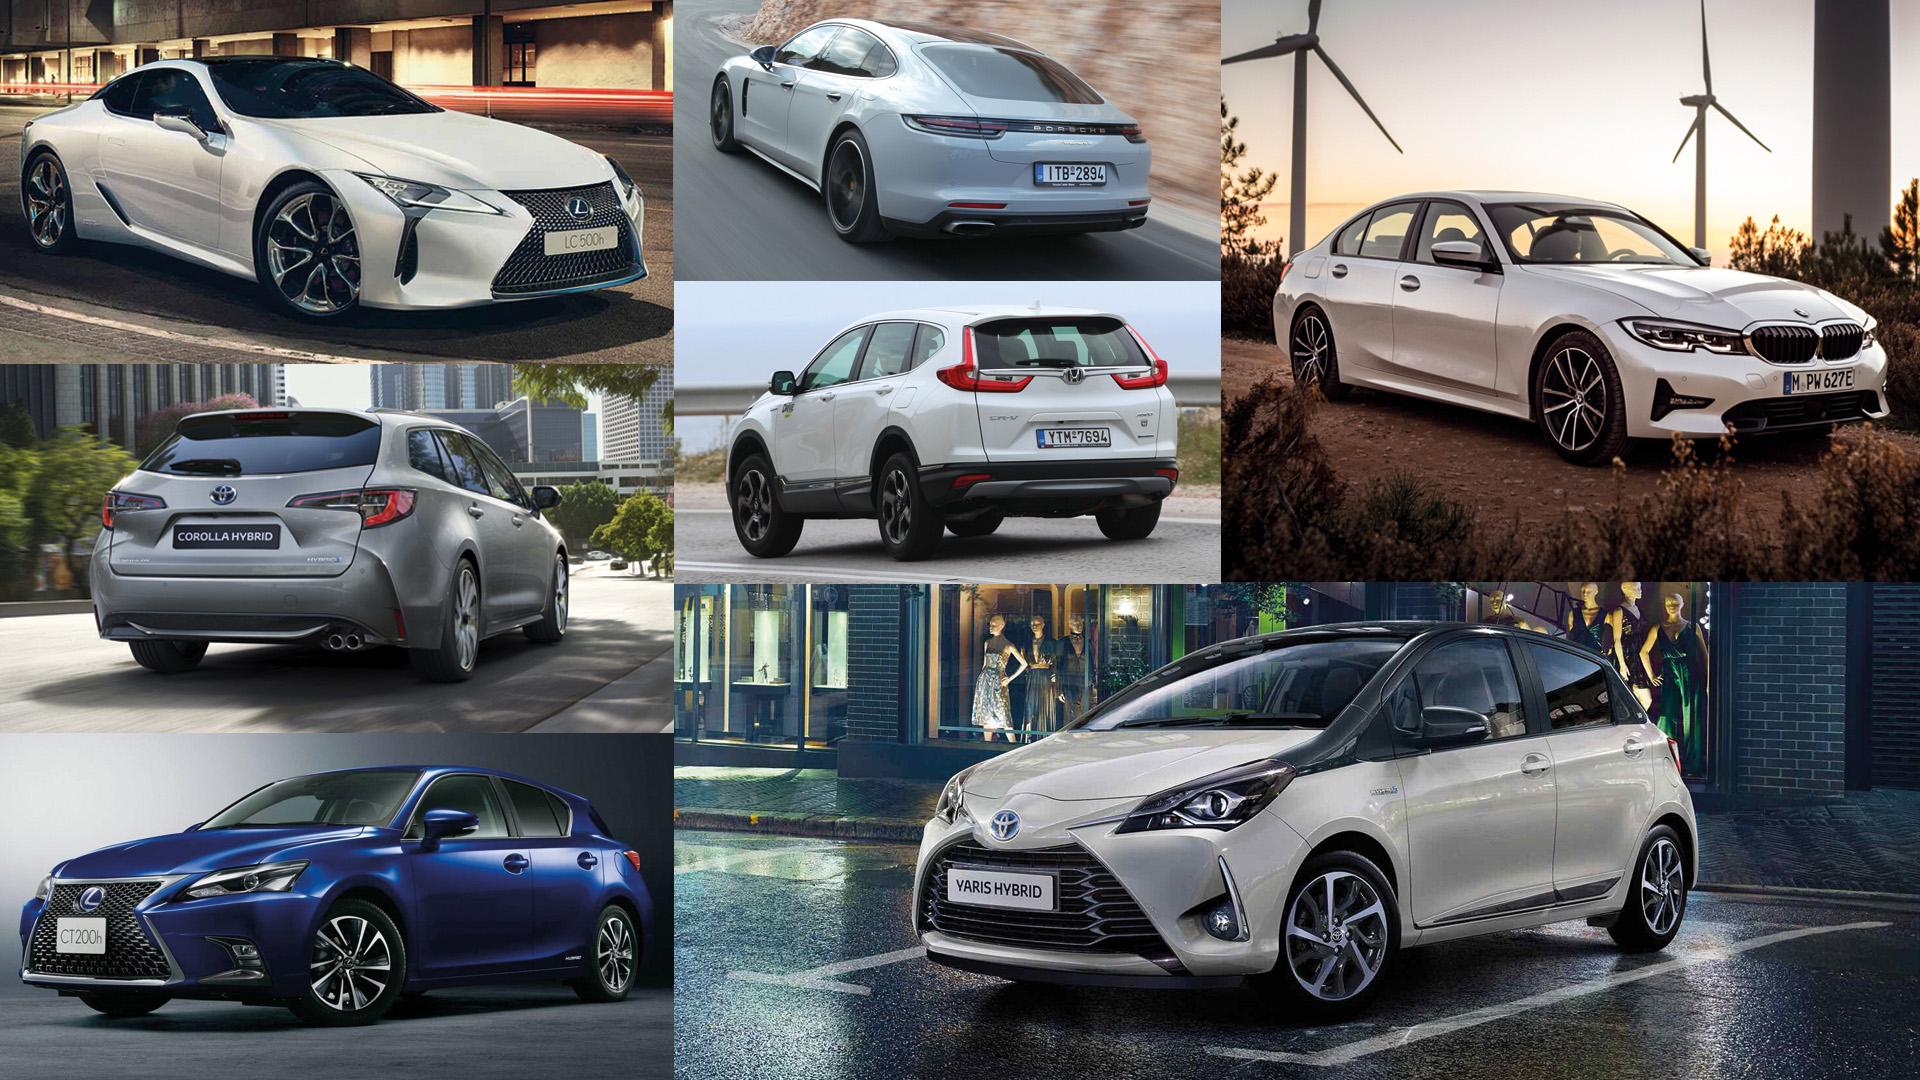 Αυτοκίνητο: Οι διαφορές μεταξύ plug-in υβριδικών και ήπιων υβριδικών οχημάτων